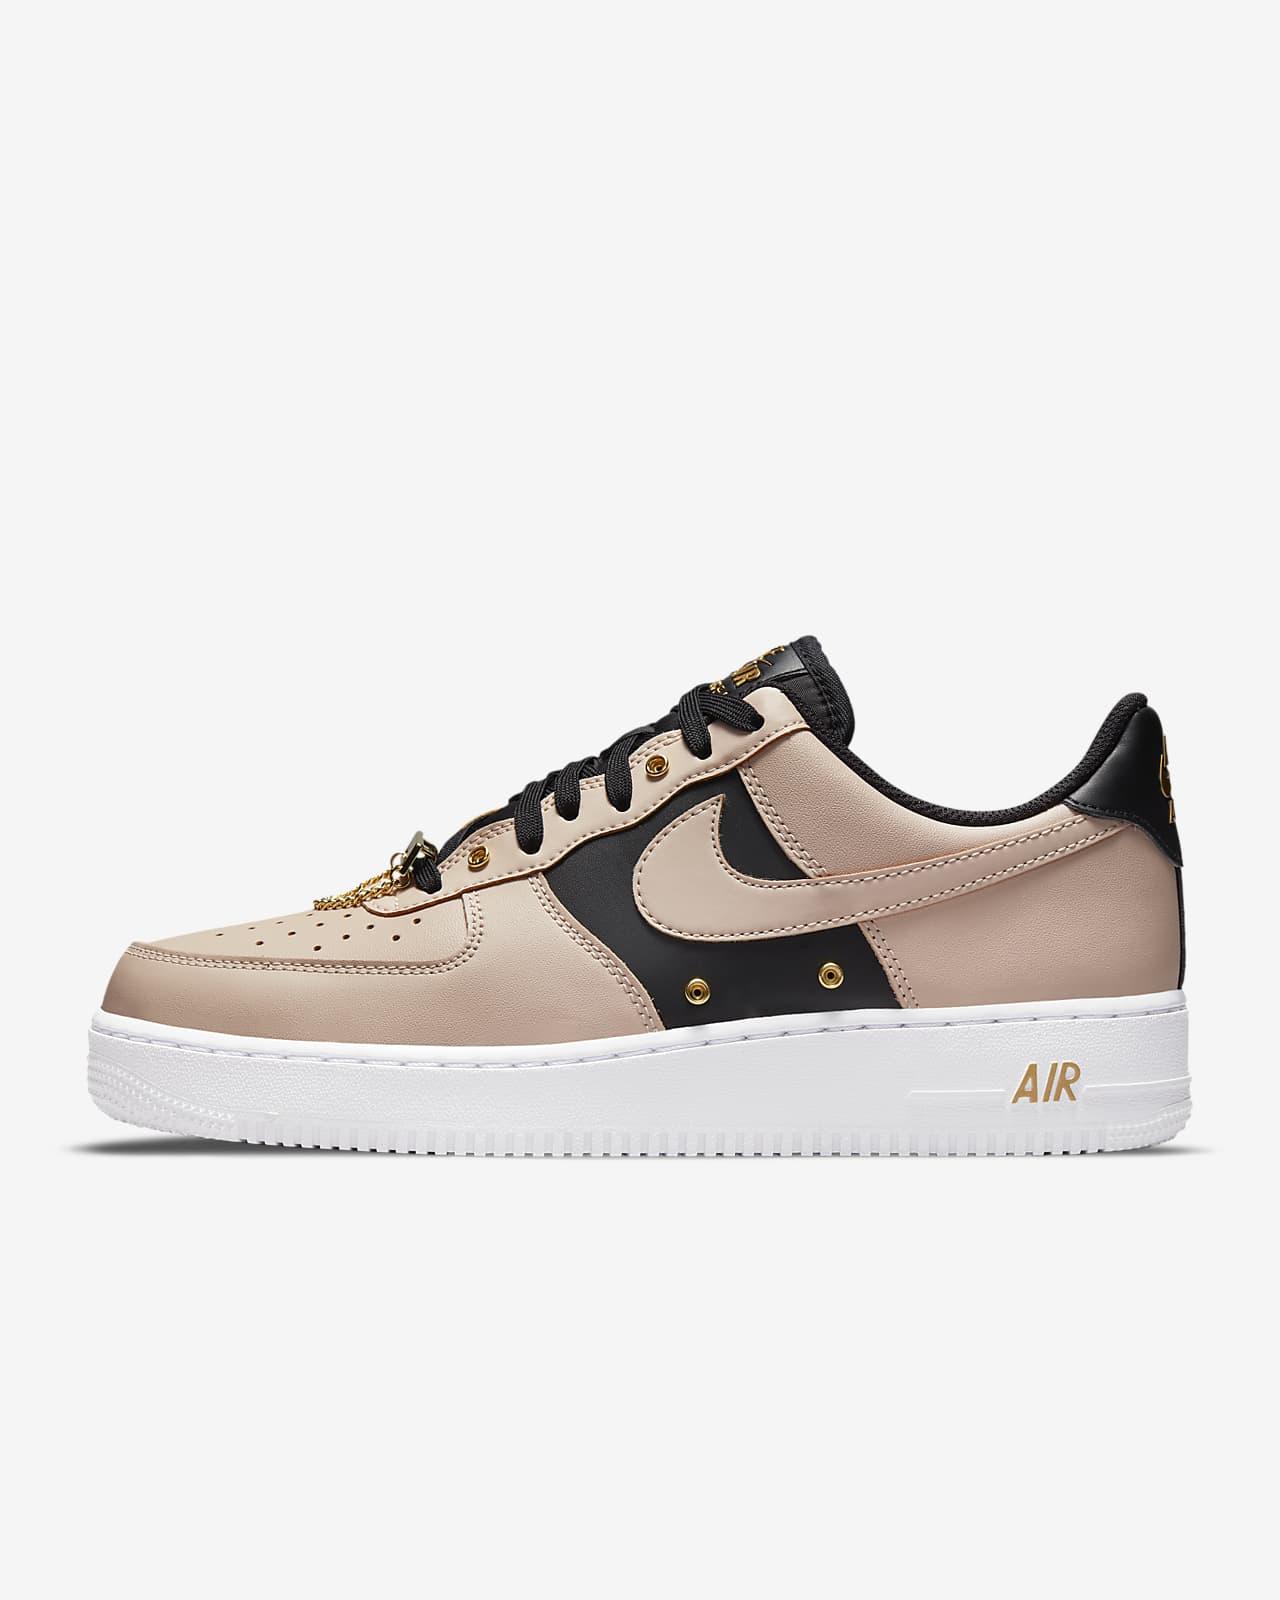 Nike Air Force 1 '07 PRM - Sneaker Steal